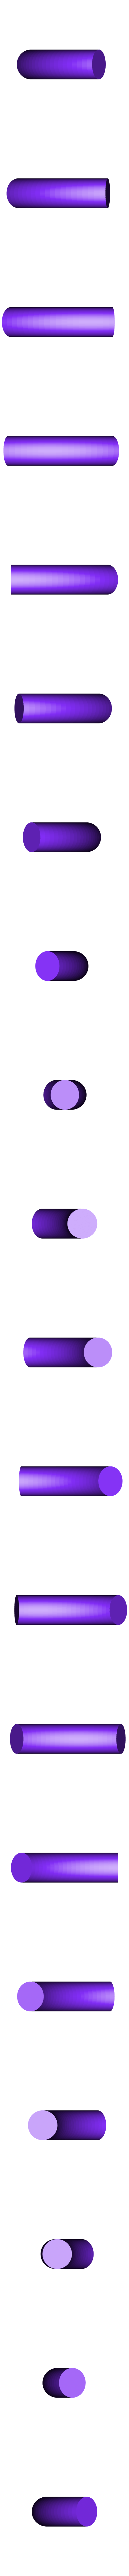 axle_1_45.STL Télécharger fichier STL gratuit MEGA Expansion 200+ Pièces • Plan à imprimer en 3D, Pwentey